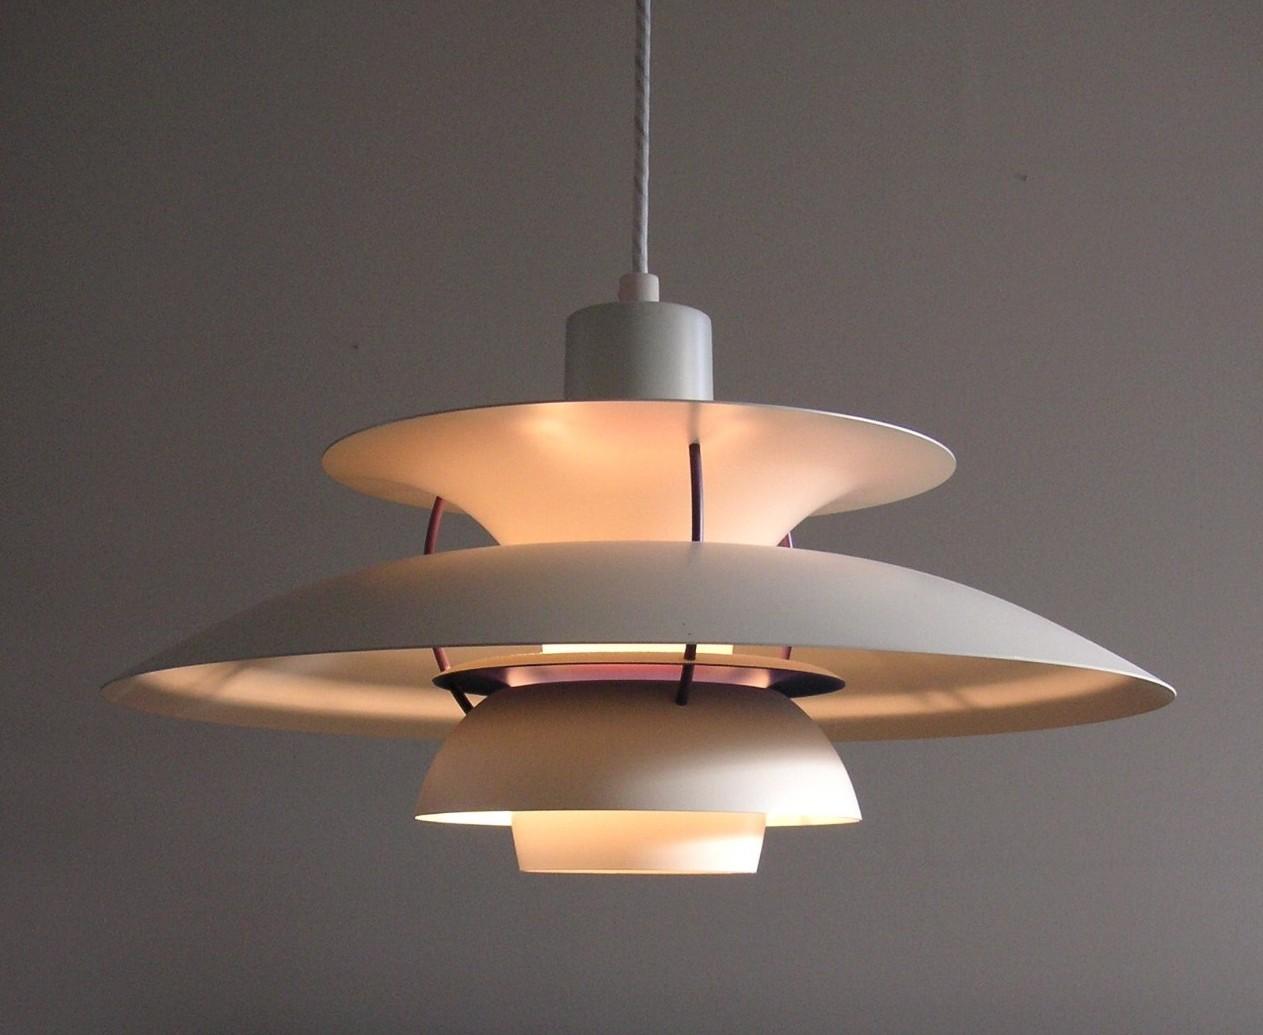 什麼樣的小吊燈才吸引人?看看這 7 個設計......插图(7)